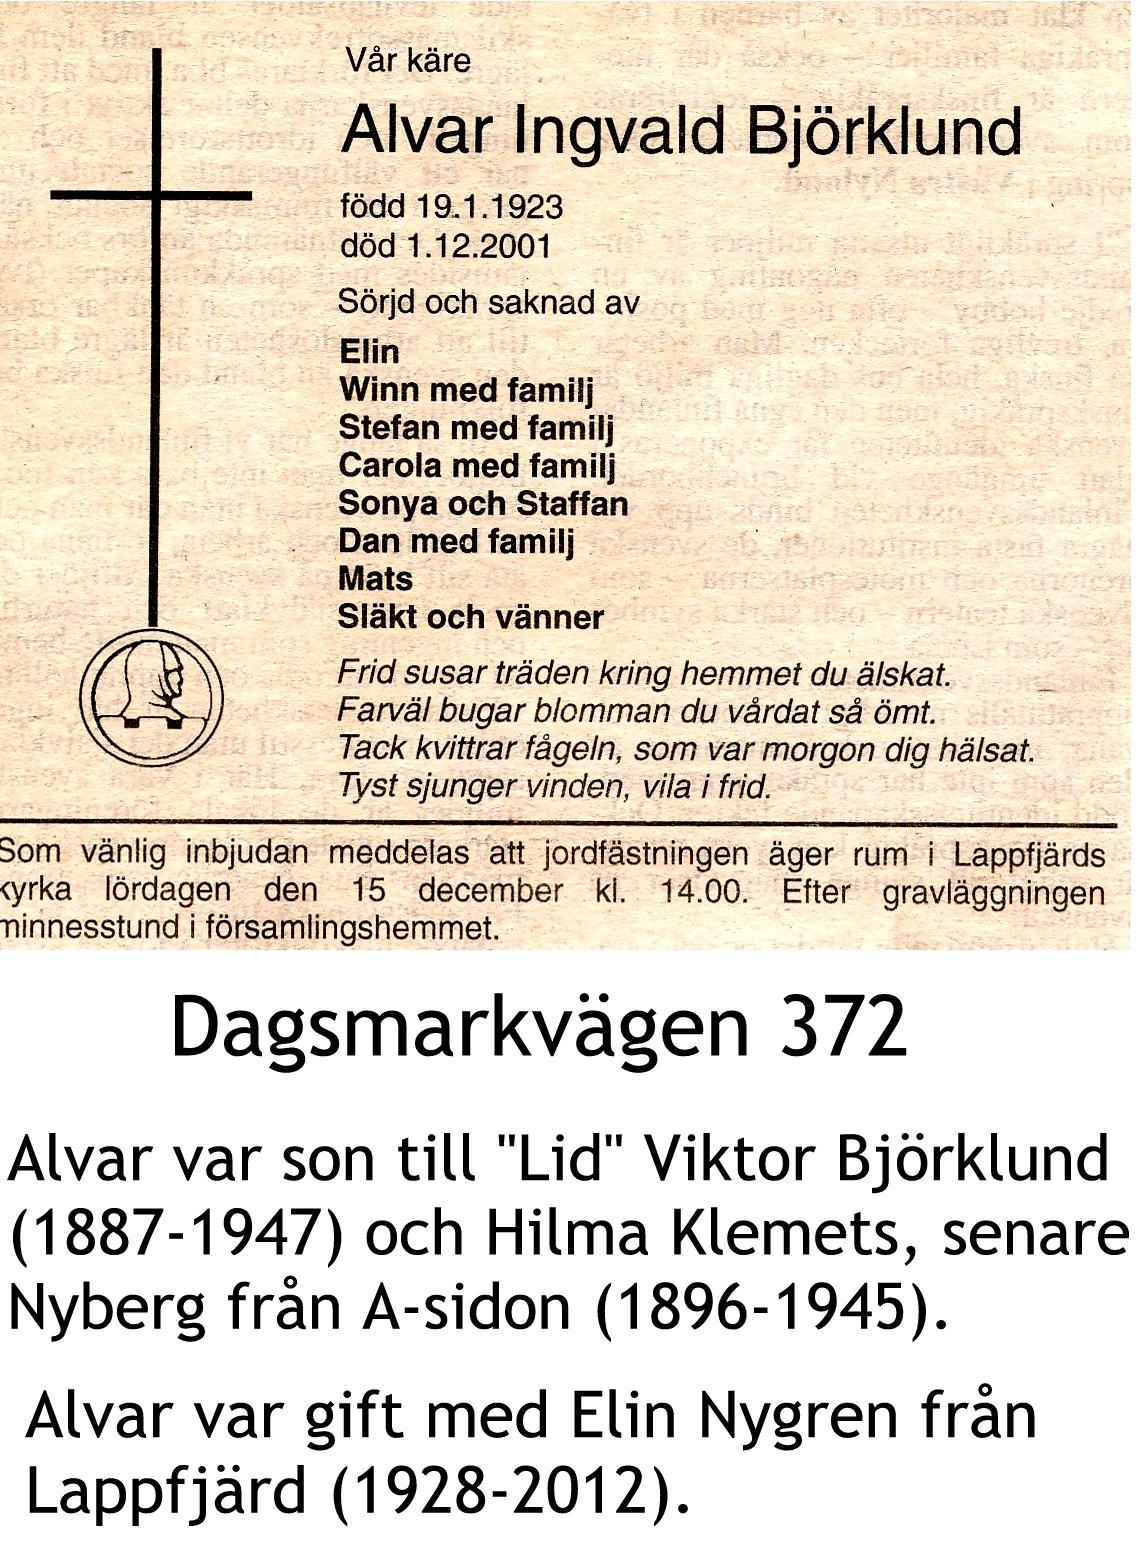 Björklund Alvar Ingvald